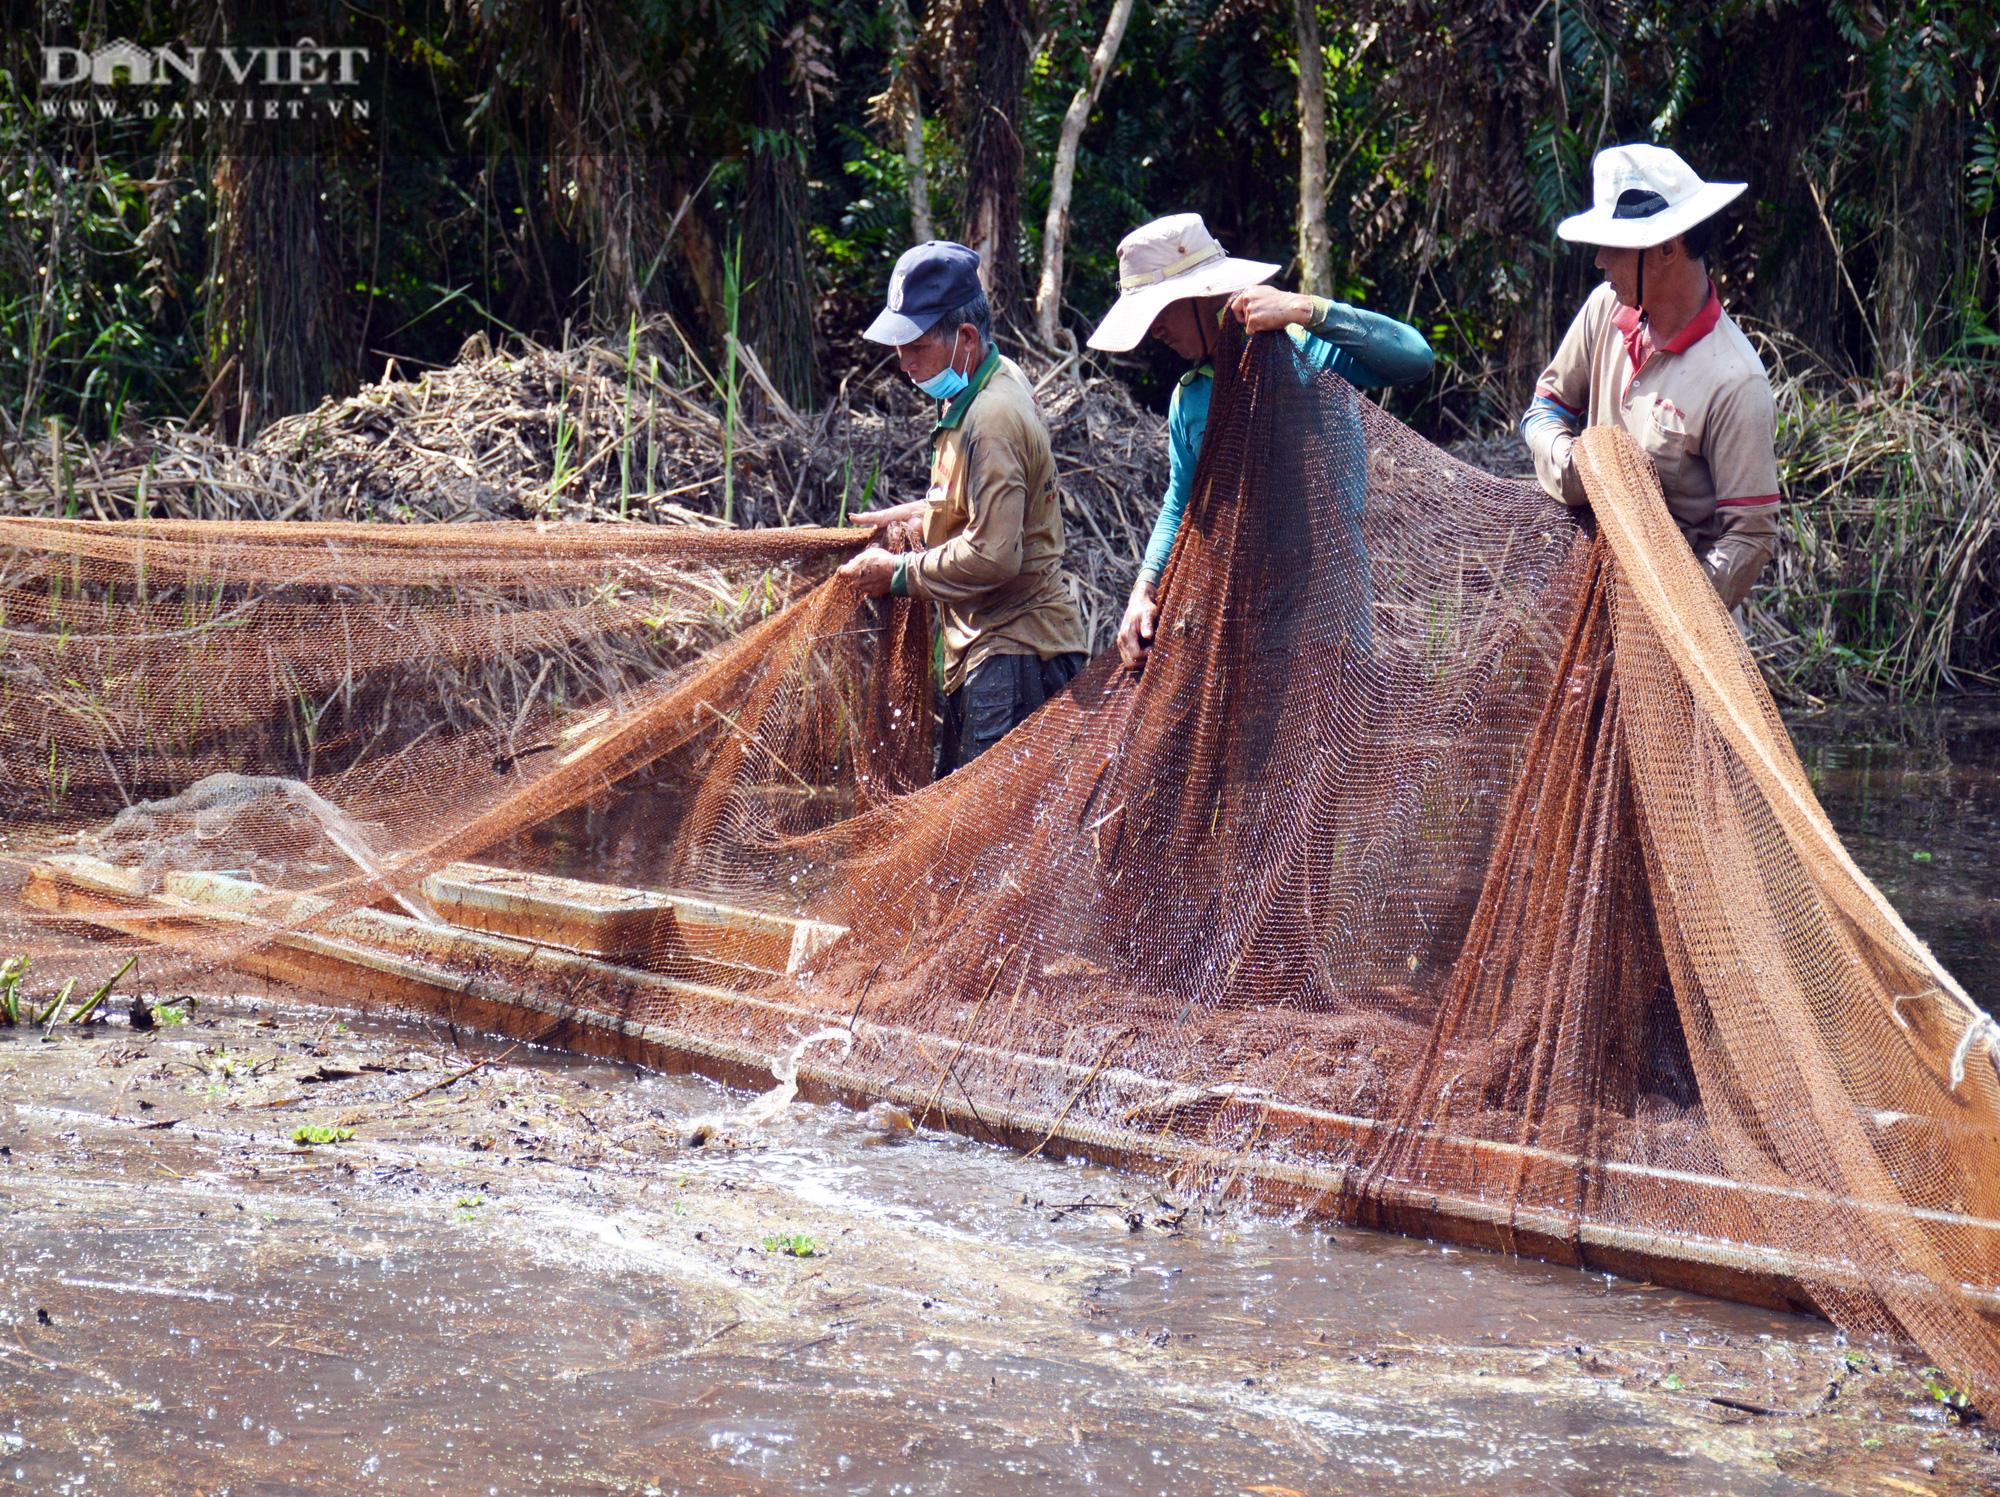 Về vườn quốc gia U Minh Hạ mục sở thị cảnh chụp đìa bắt hàng trăm kg cá đồng - Ảnh 8.